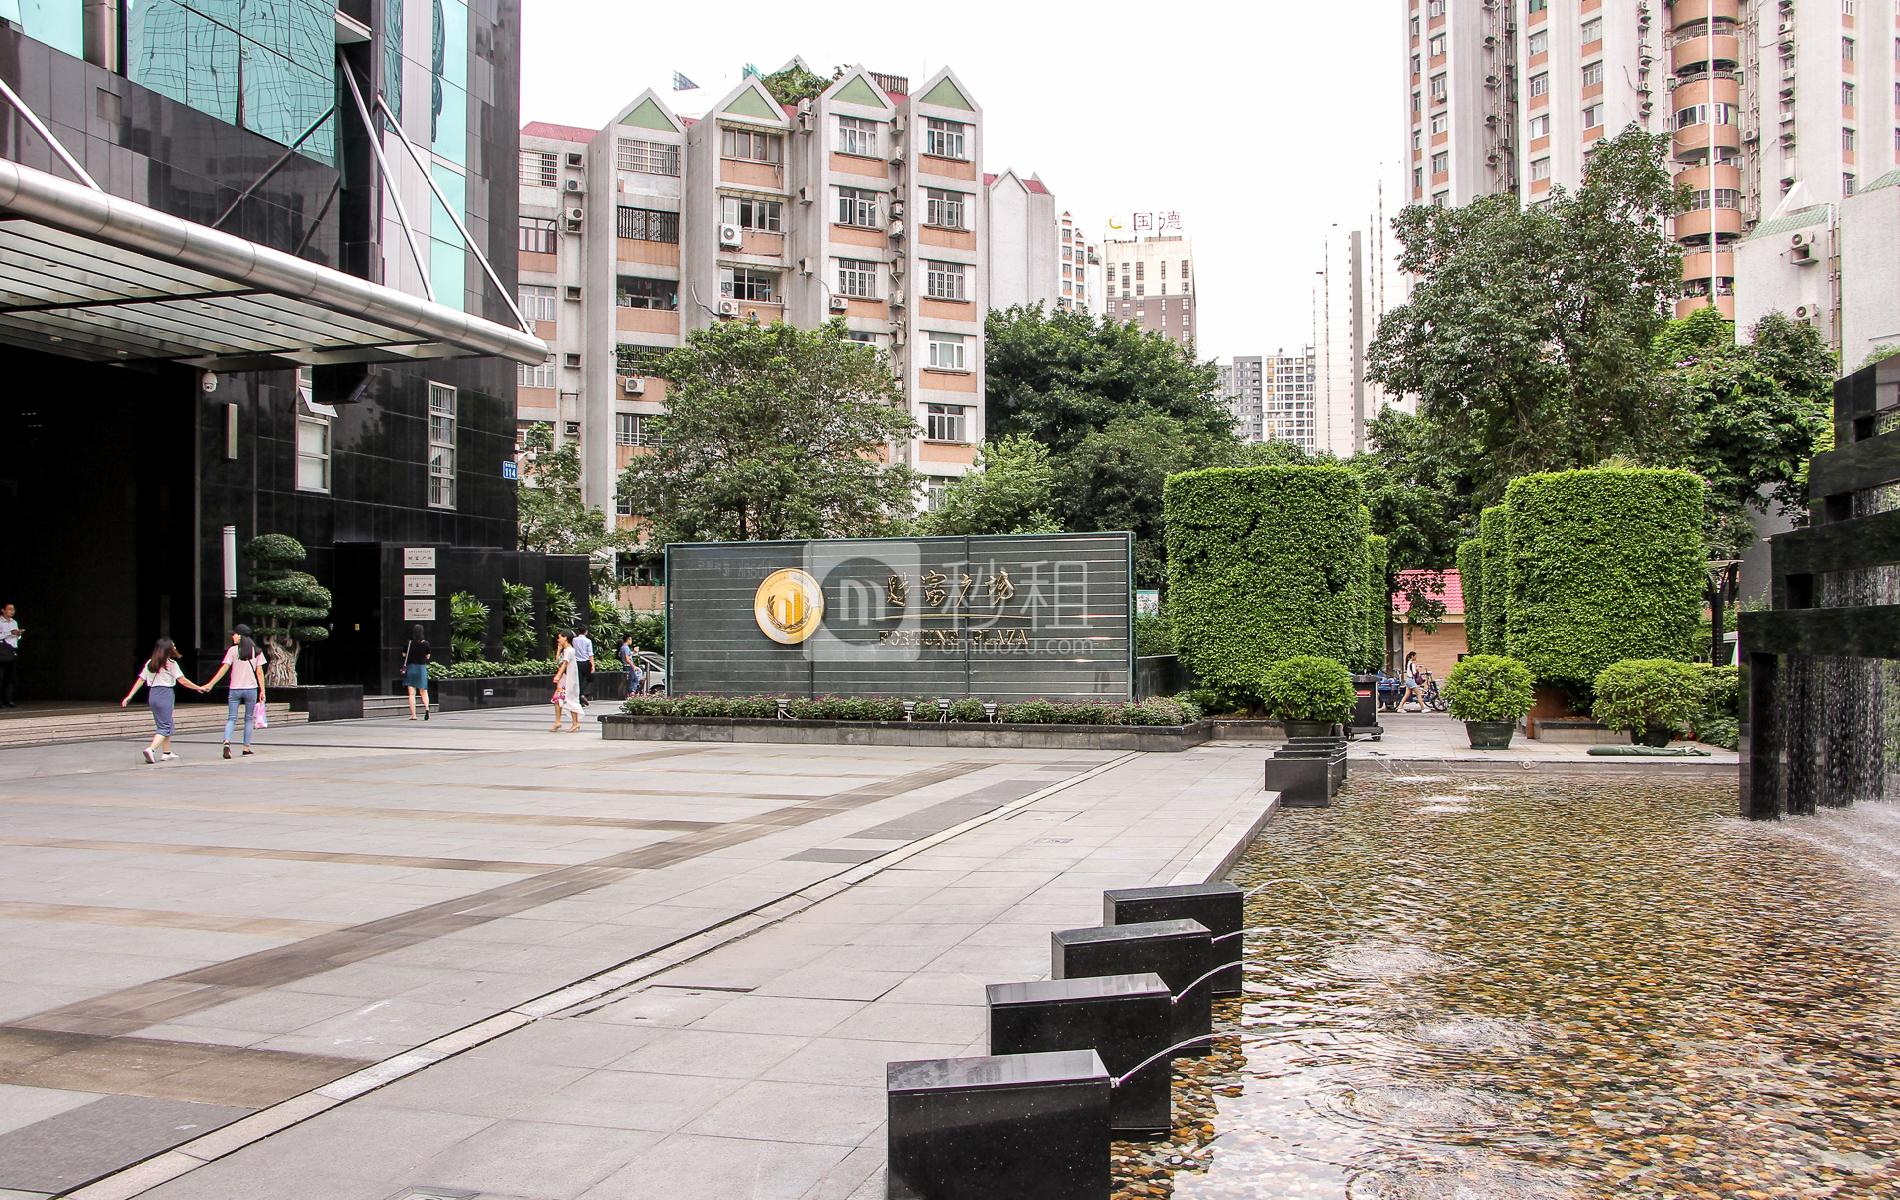 财富广场写字楼出租/招租/租赁,财富广场办公室出租/招租/租赁